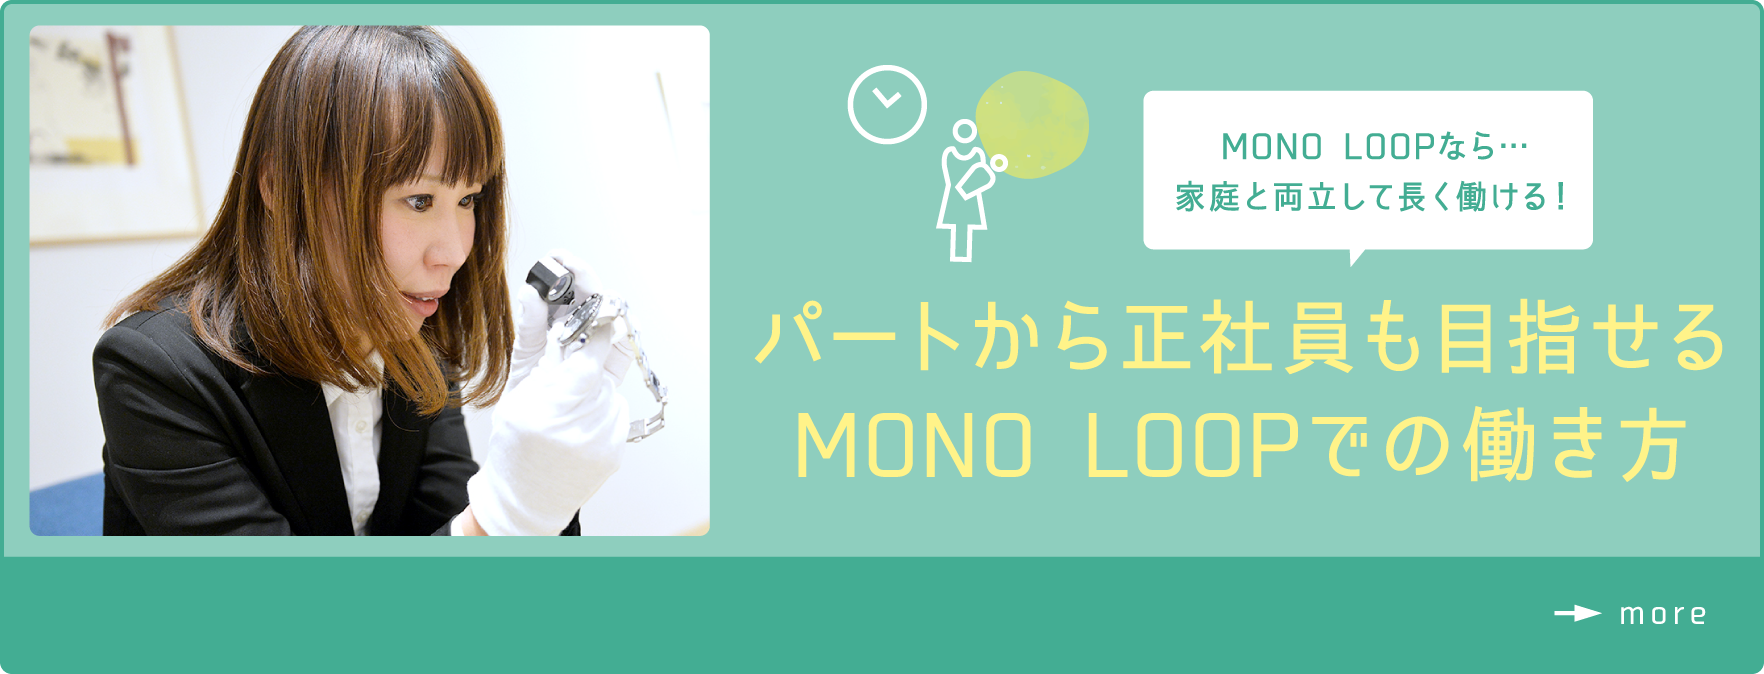 パートから正社員も目指せるMONO LOOP(モノ・ループ)での働き方